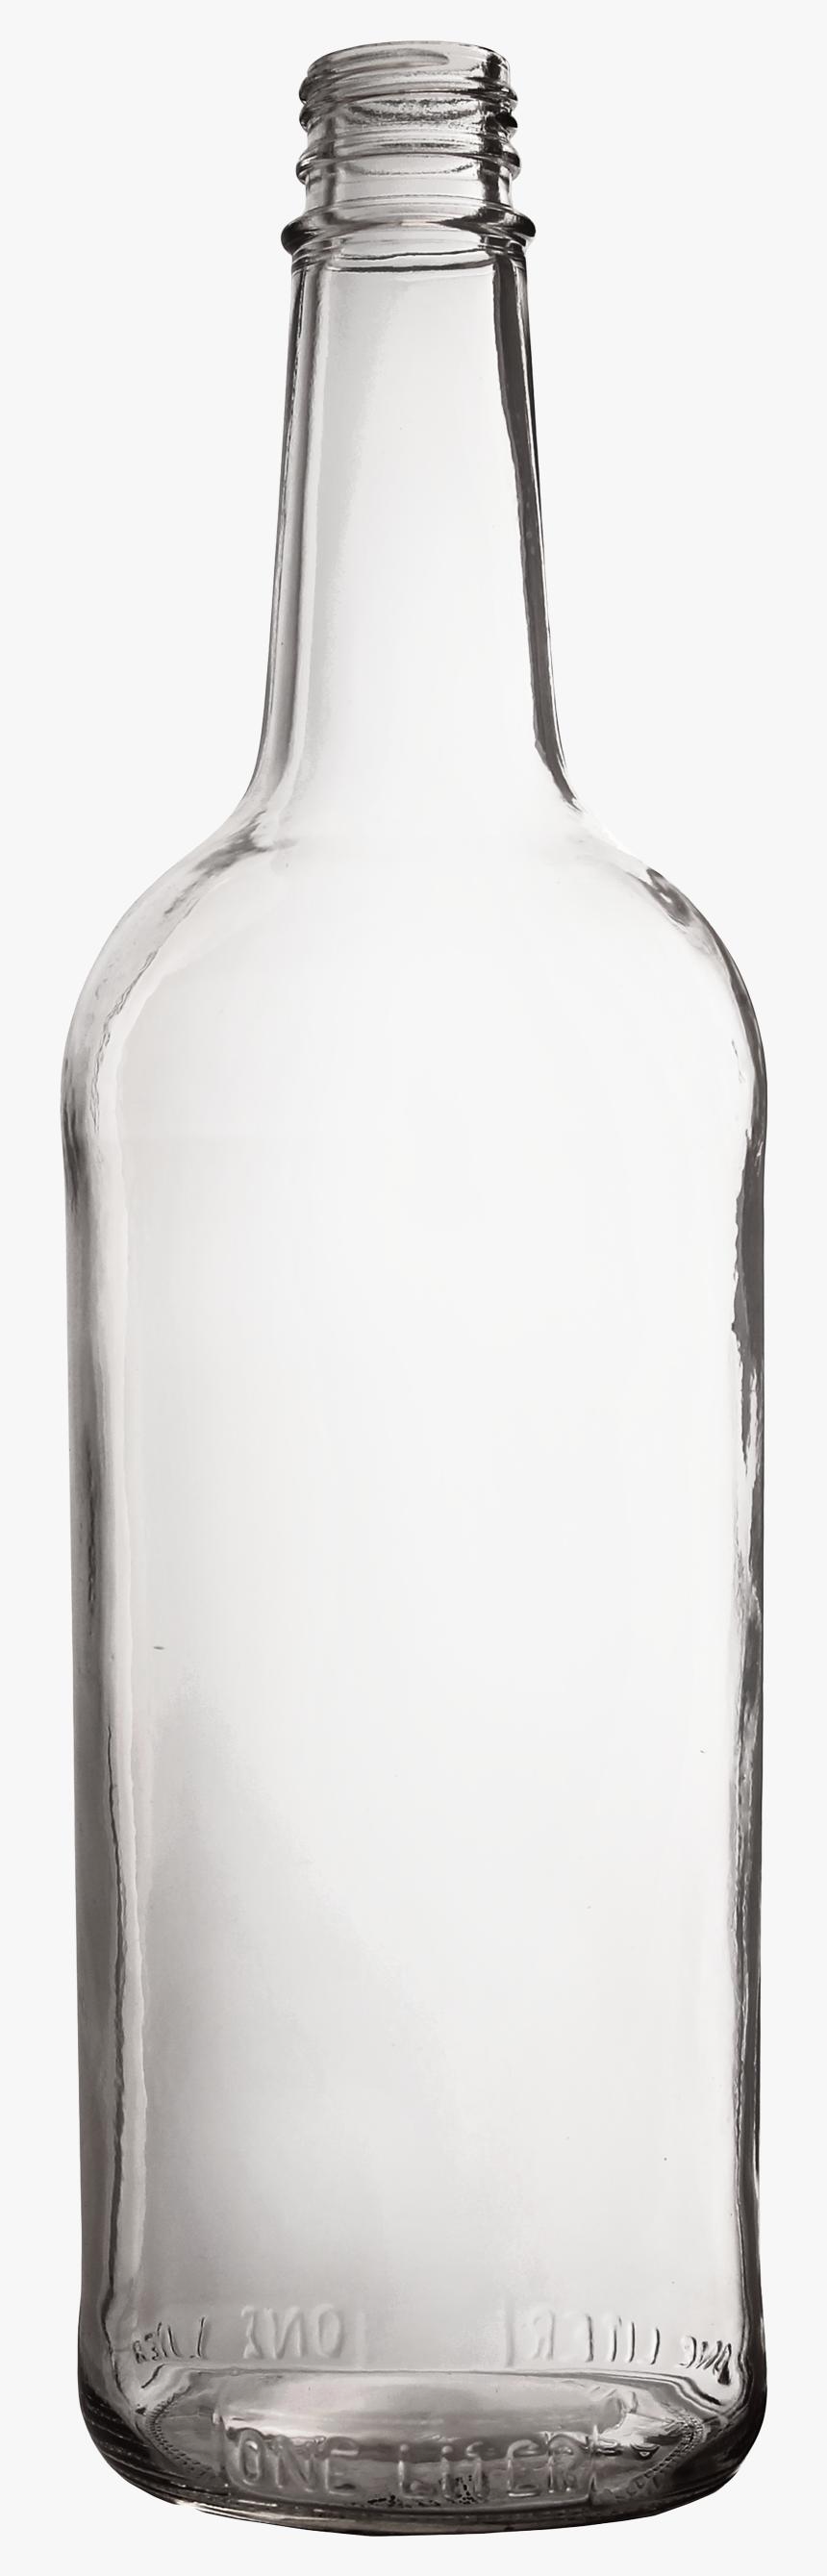 Glass Bottle Png Transparent Image - Glass Bottle Transparent Background, Png Download, Free Download